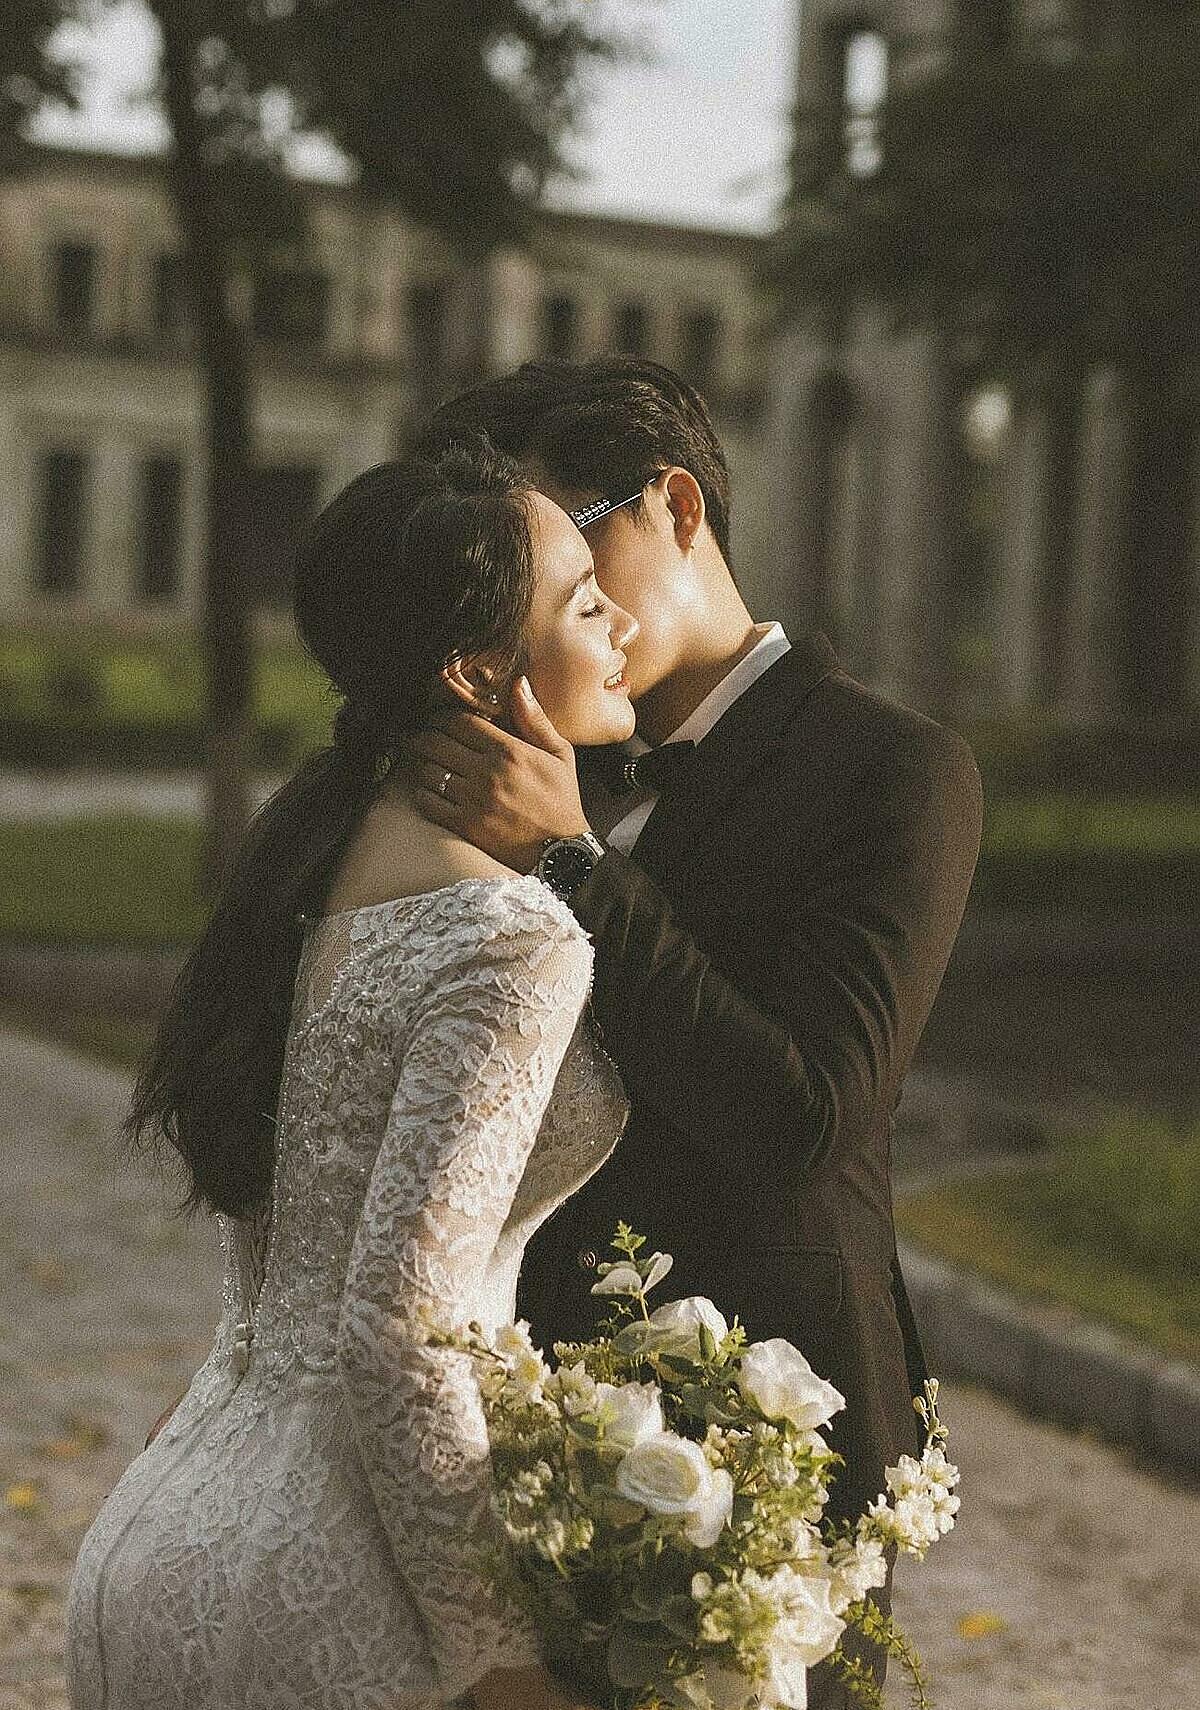 Thiết kế váy bó sát giúp cô dâu Hằng khoe khéo đường cong quyến rũ.